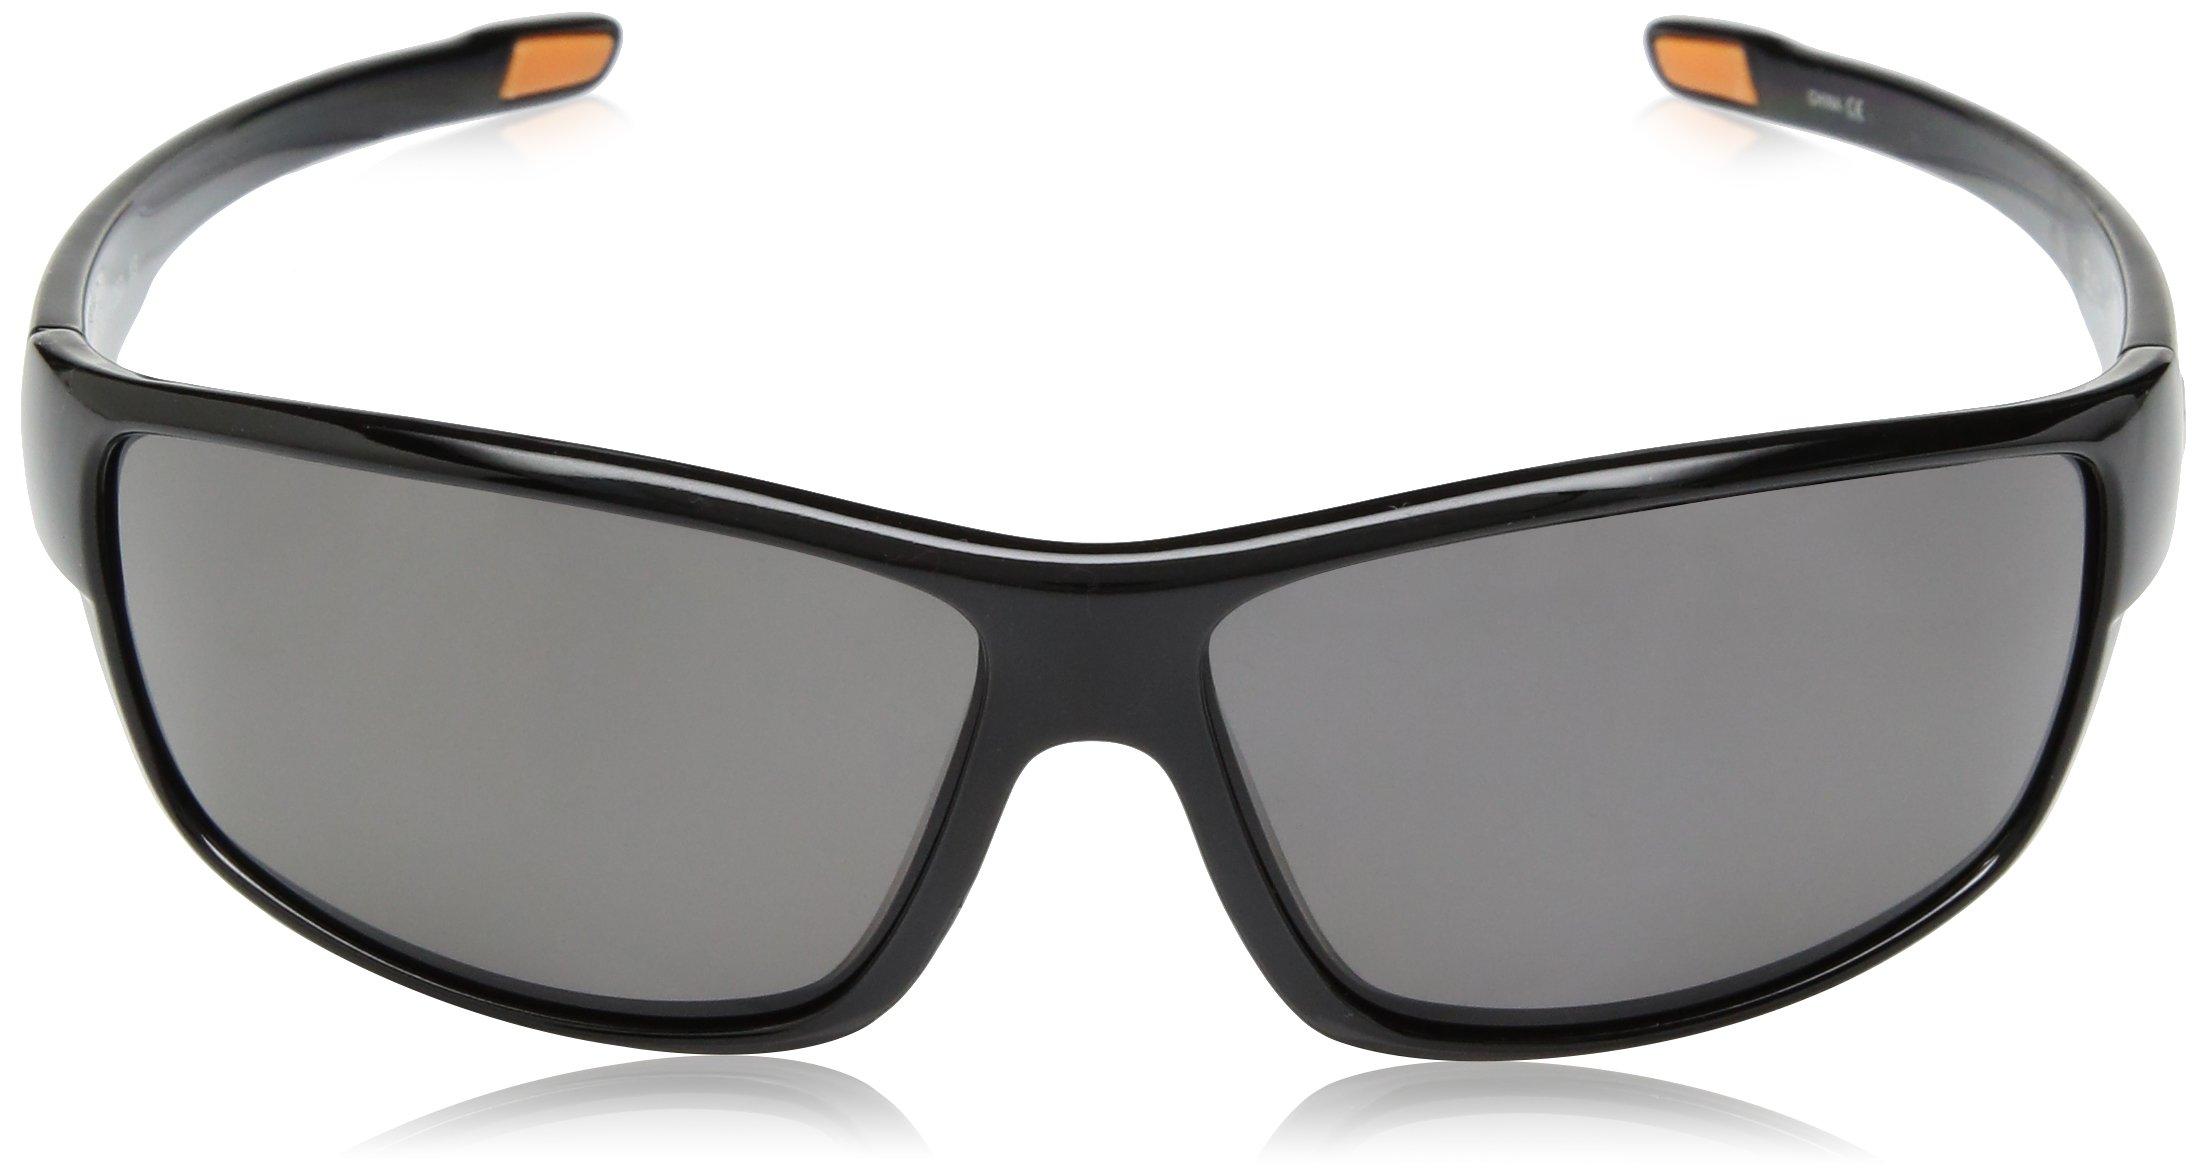 9adb9a1c32 Suncloud voucher polarized sunglasses exercisen jpg 2209x1176 Suncloud  voucher